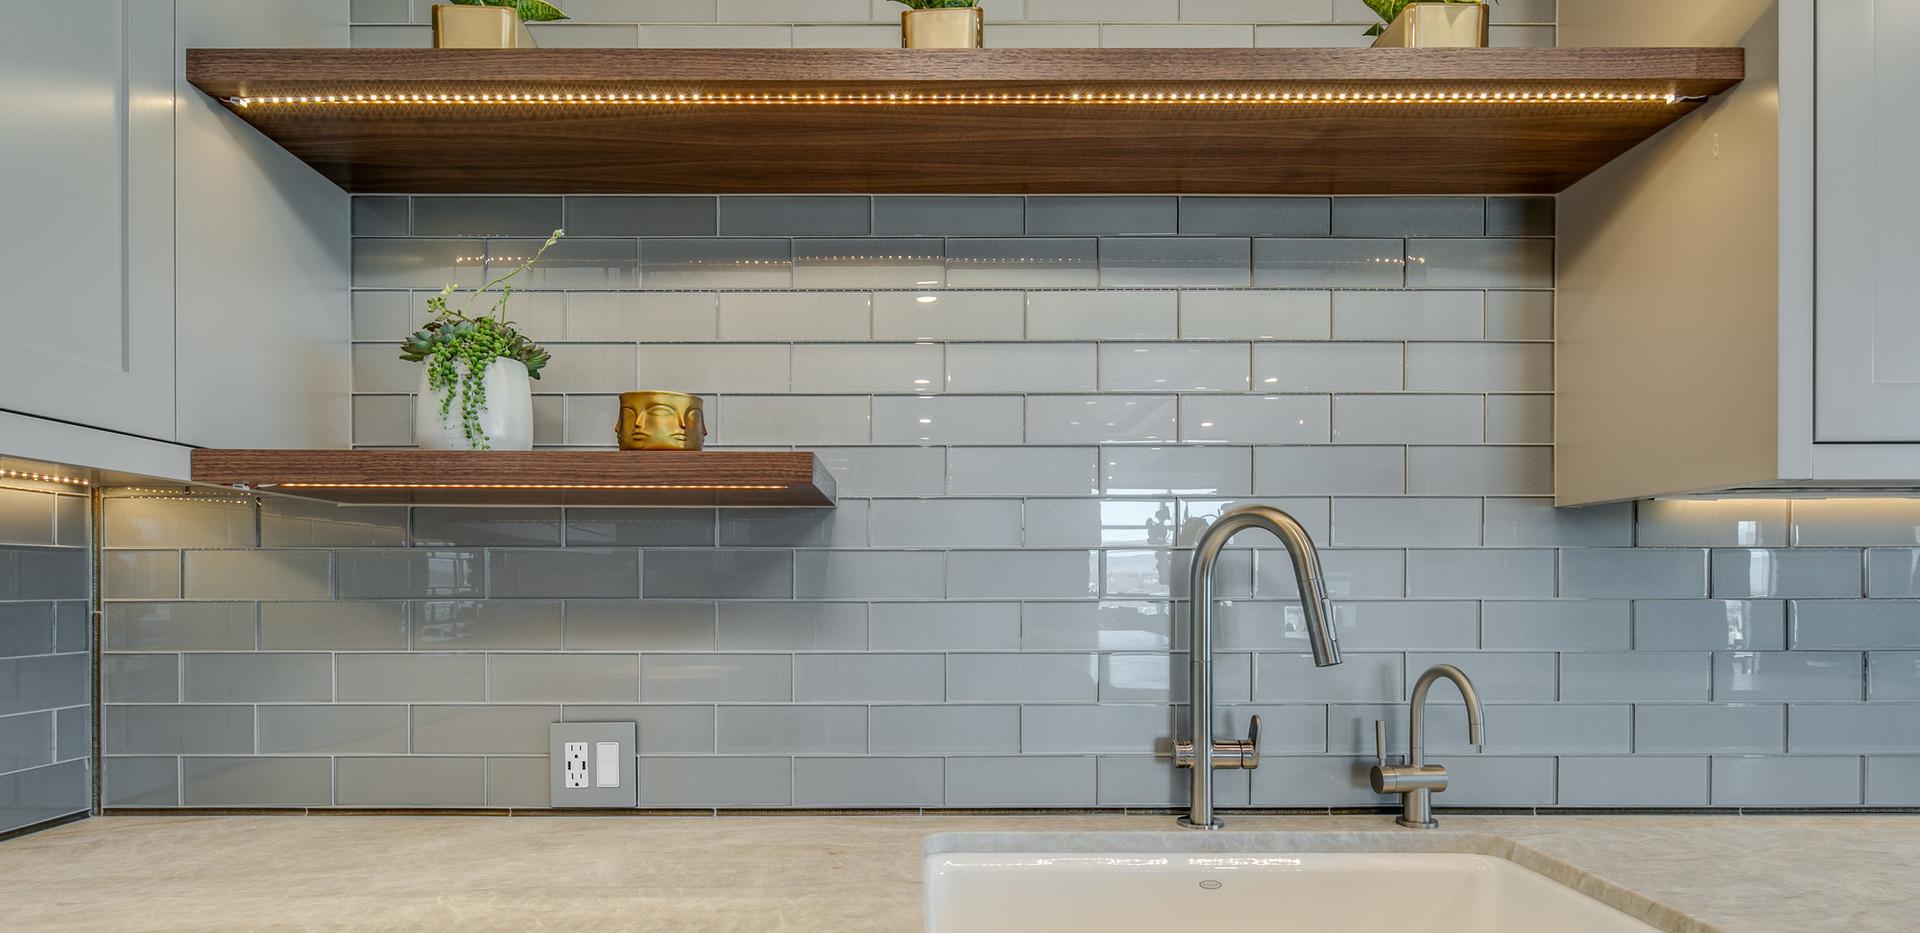 16-Kitchen Two-10.jpg